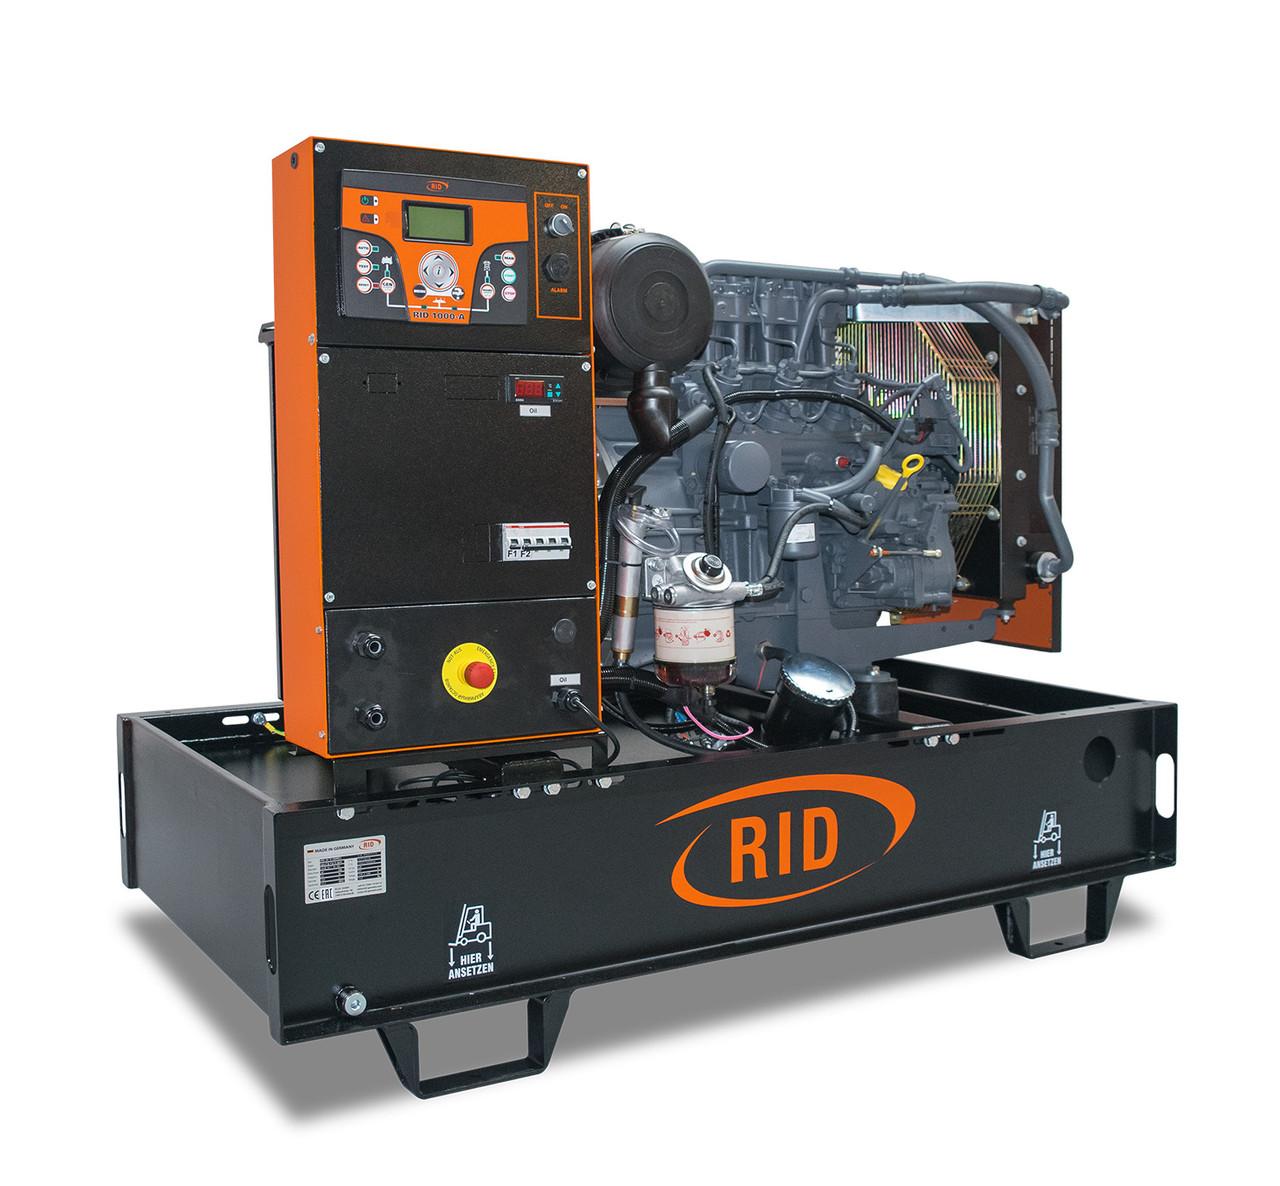 Трехфазный дизельный генератор RID 30 S-SERIES (24 кВт)